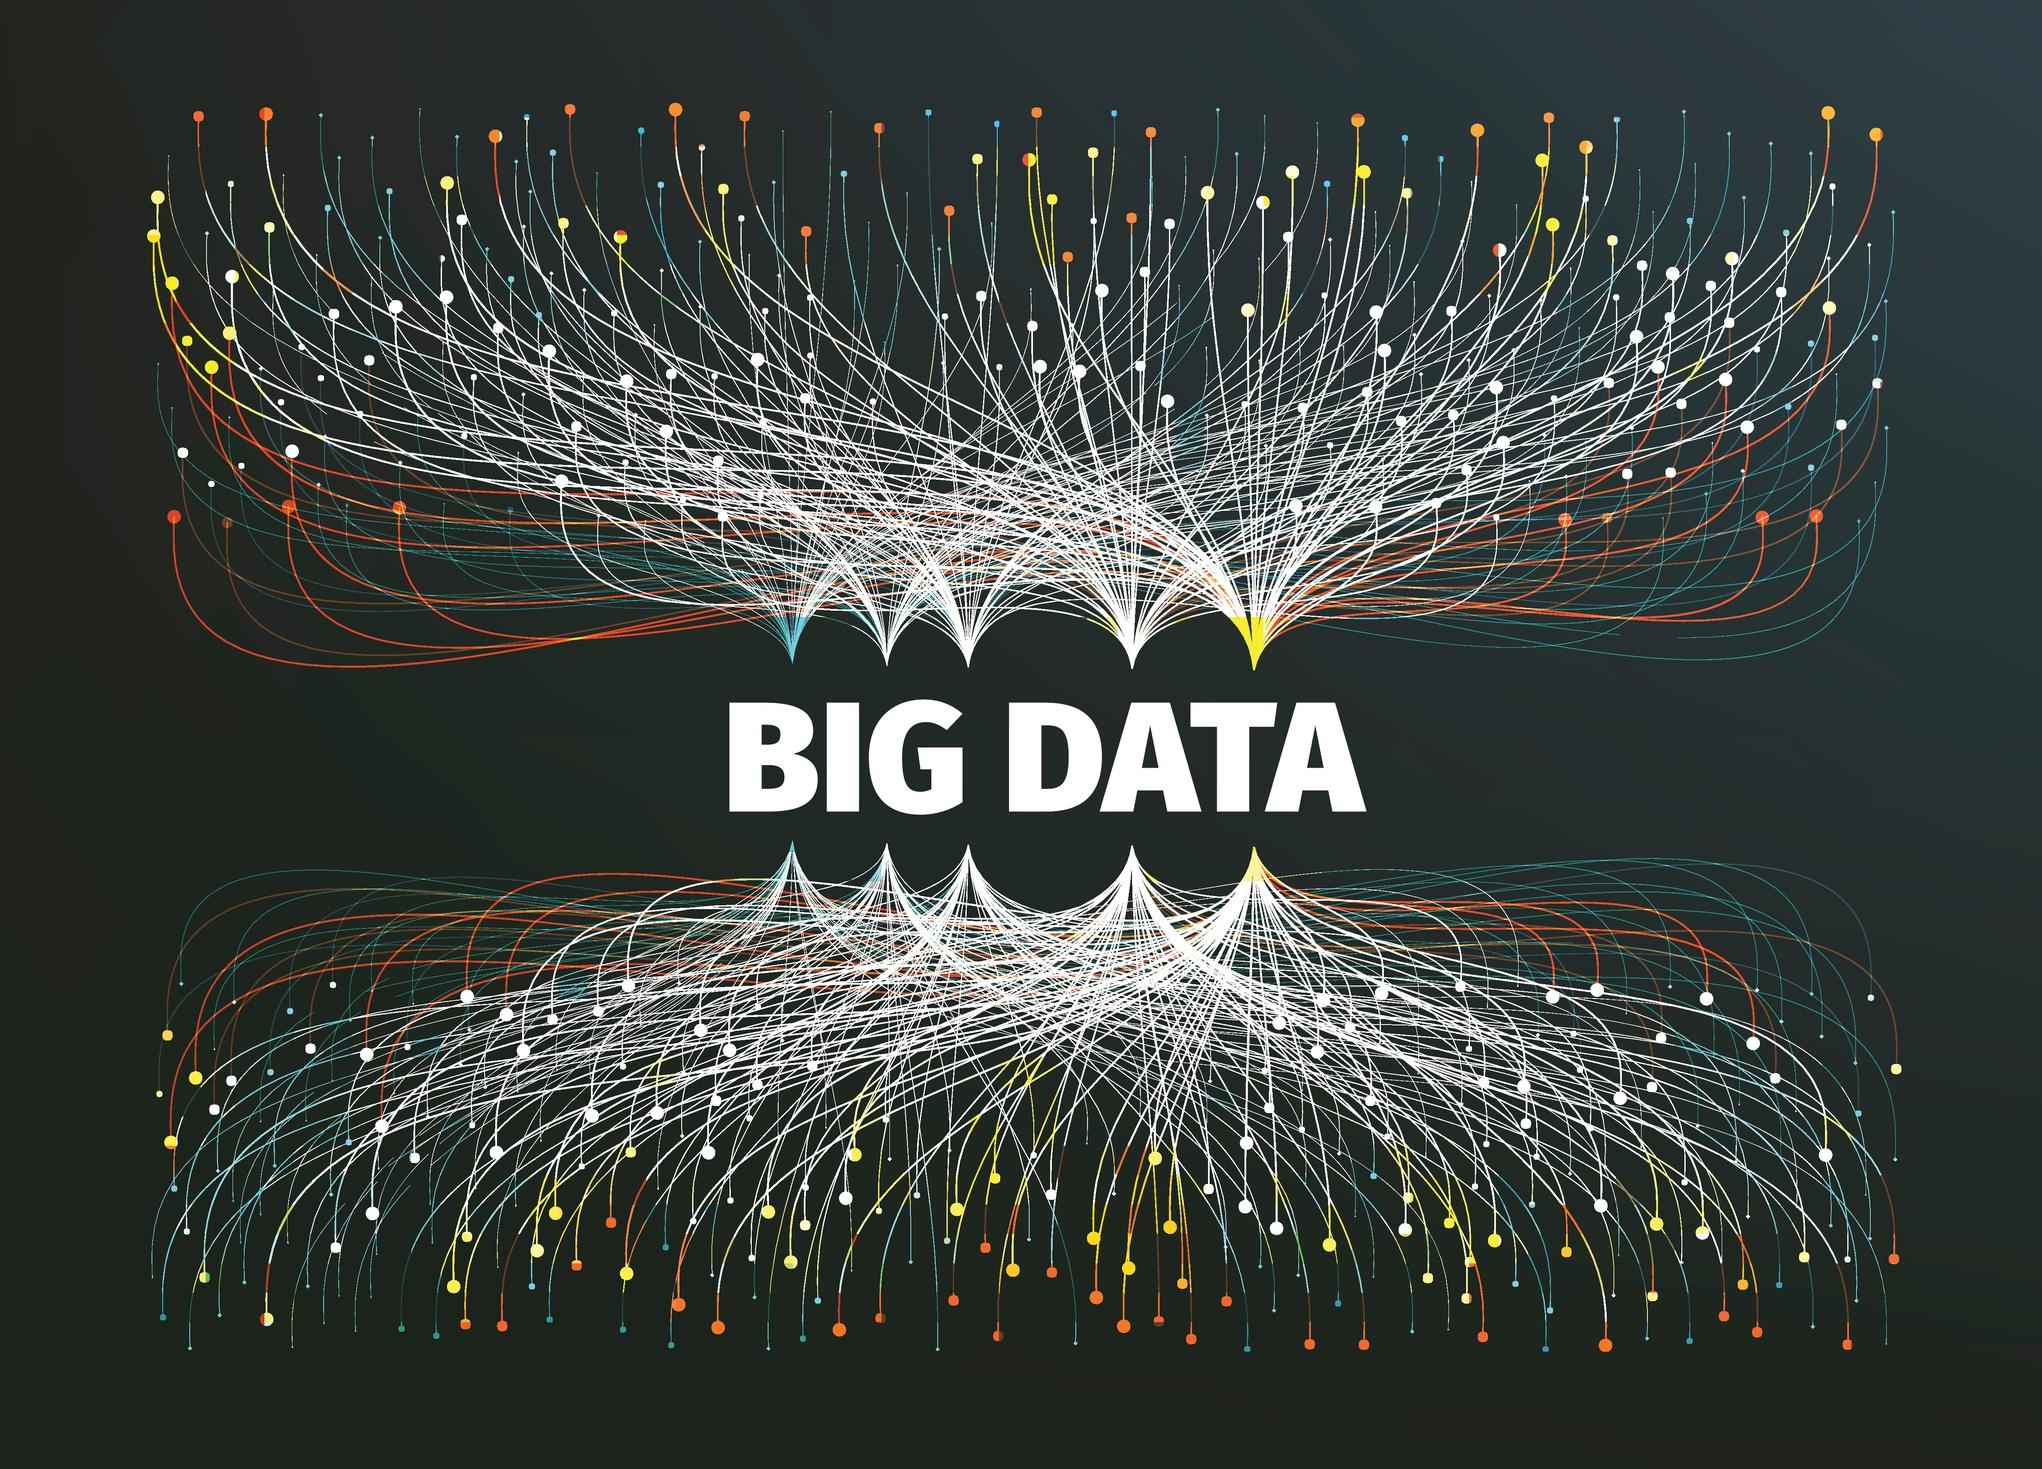 big data tiempo real.jpg